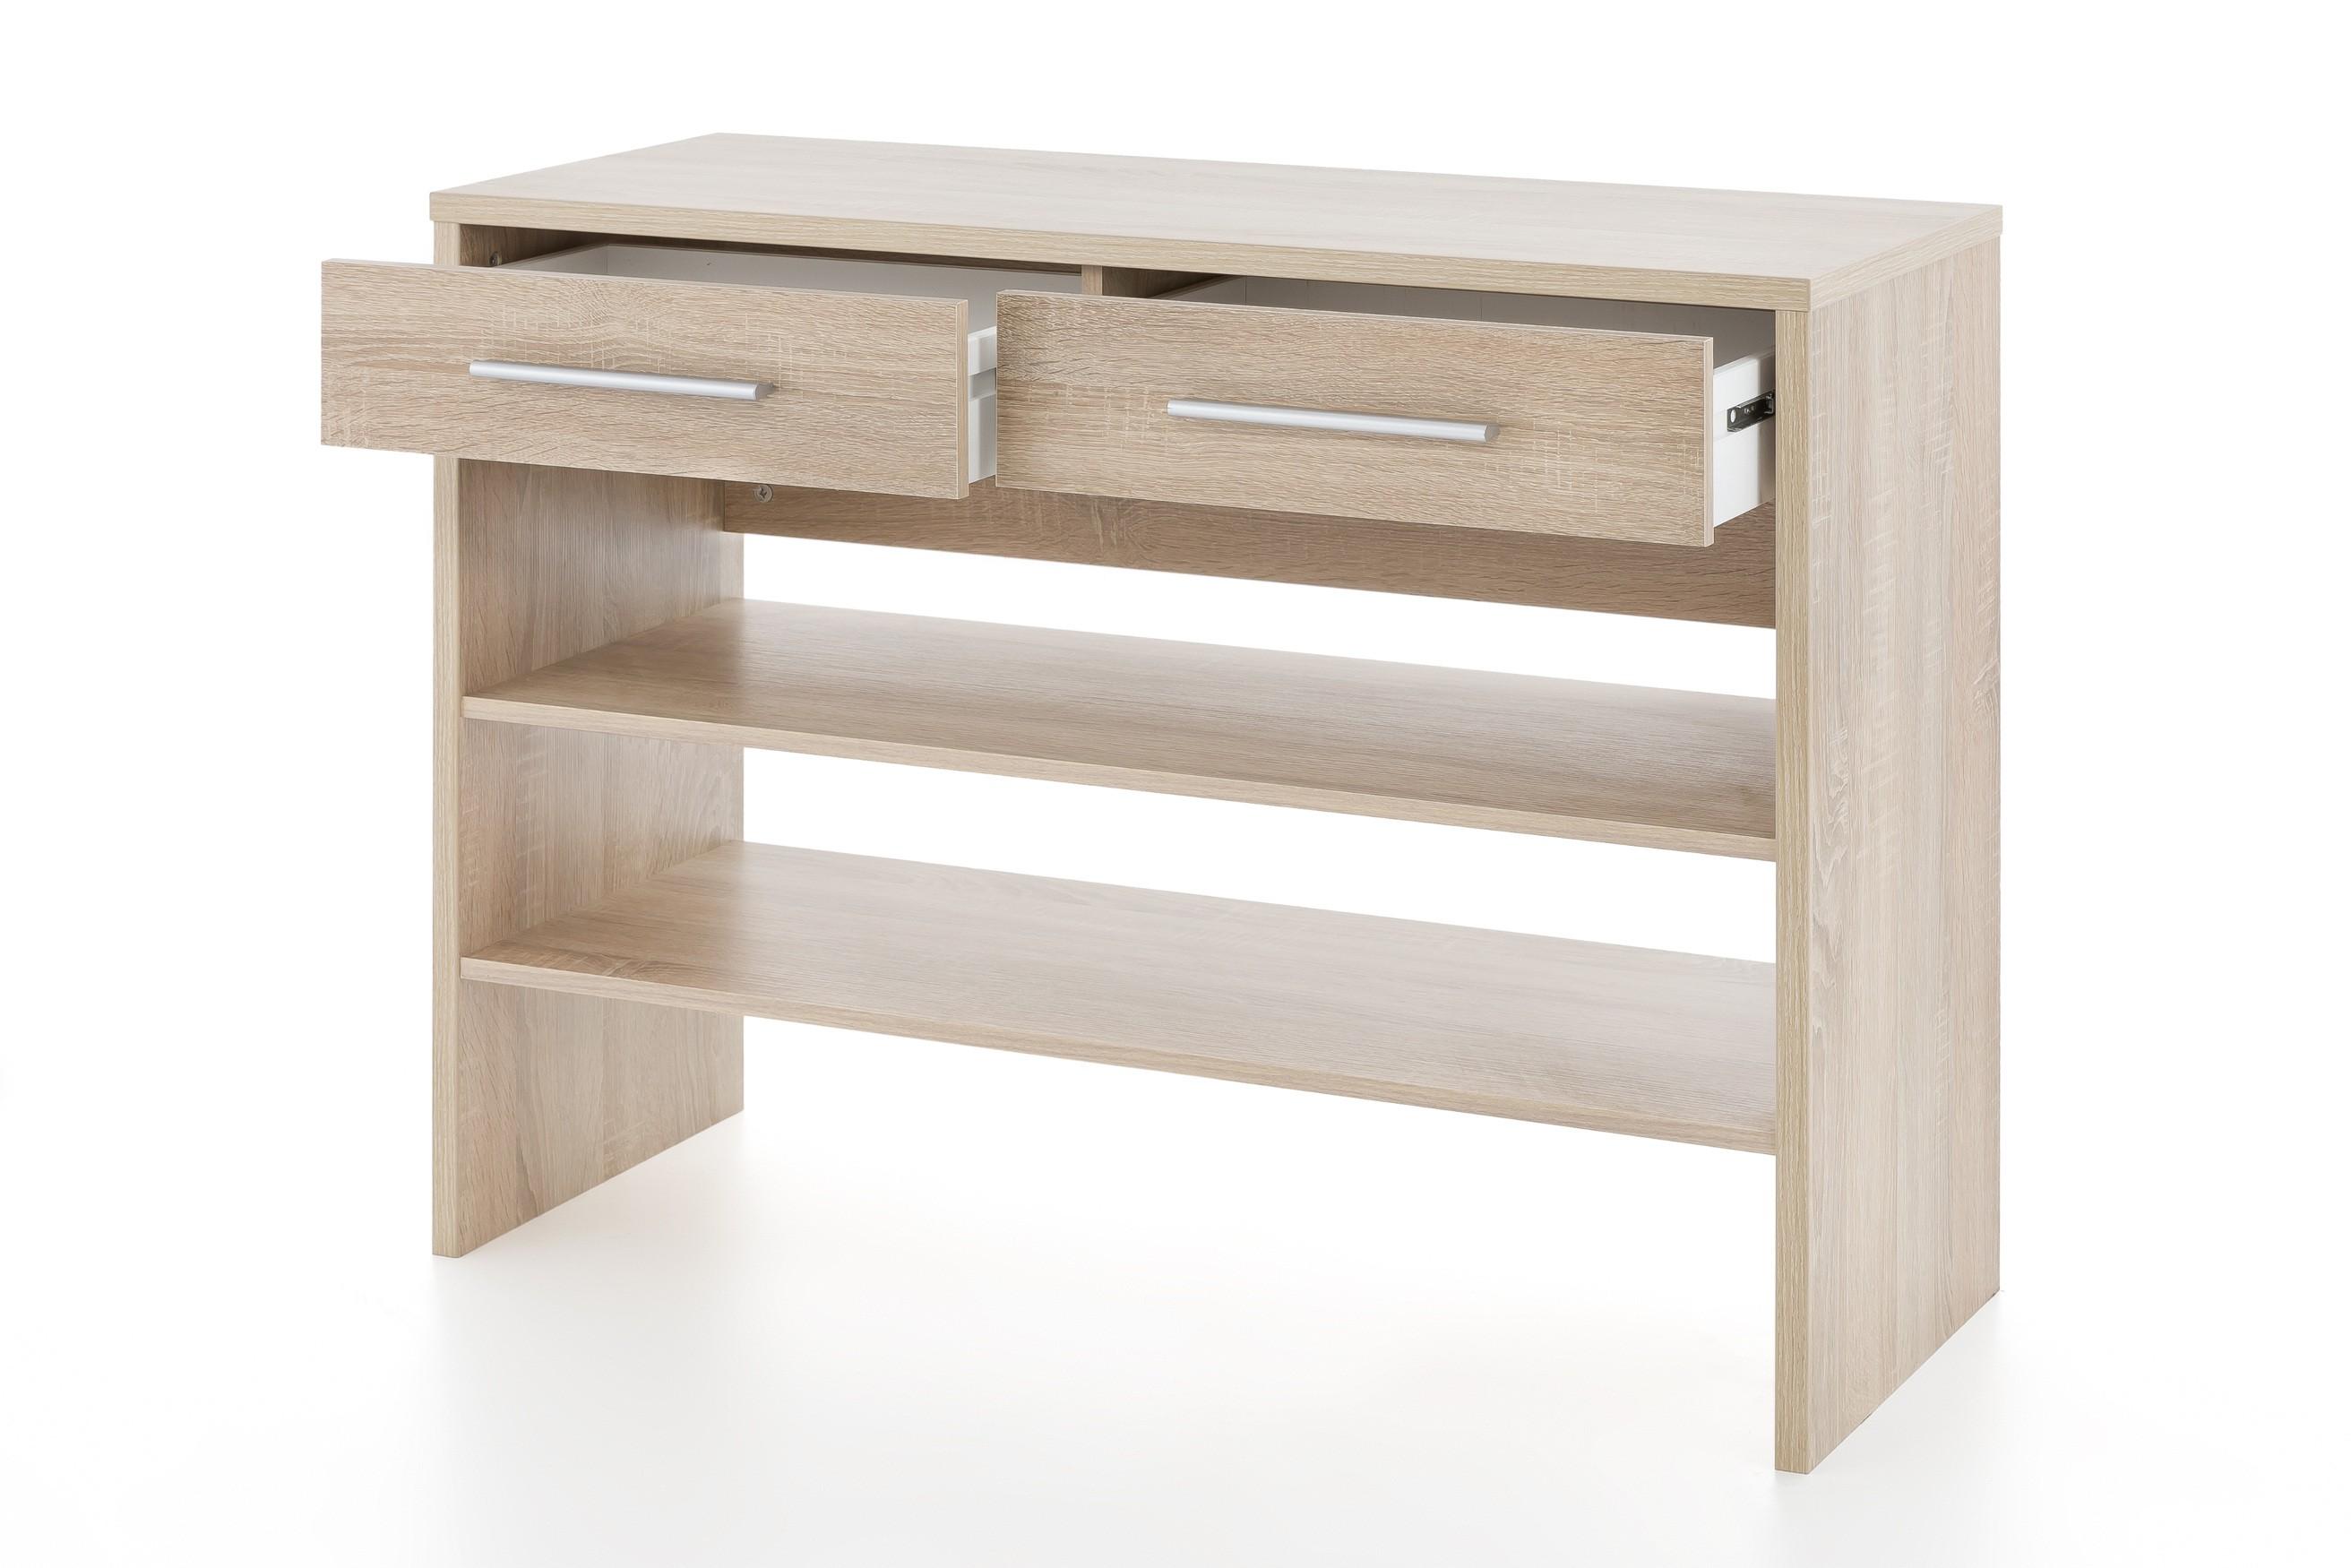 schuhregal bahia schuhtr ger offener schuhschrank. Black Bedroom Furniture Sets. Home Design Ideas